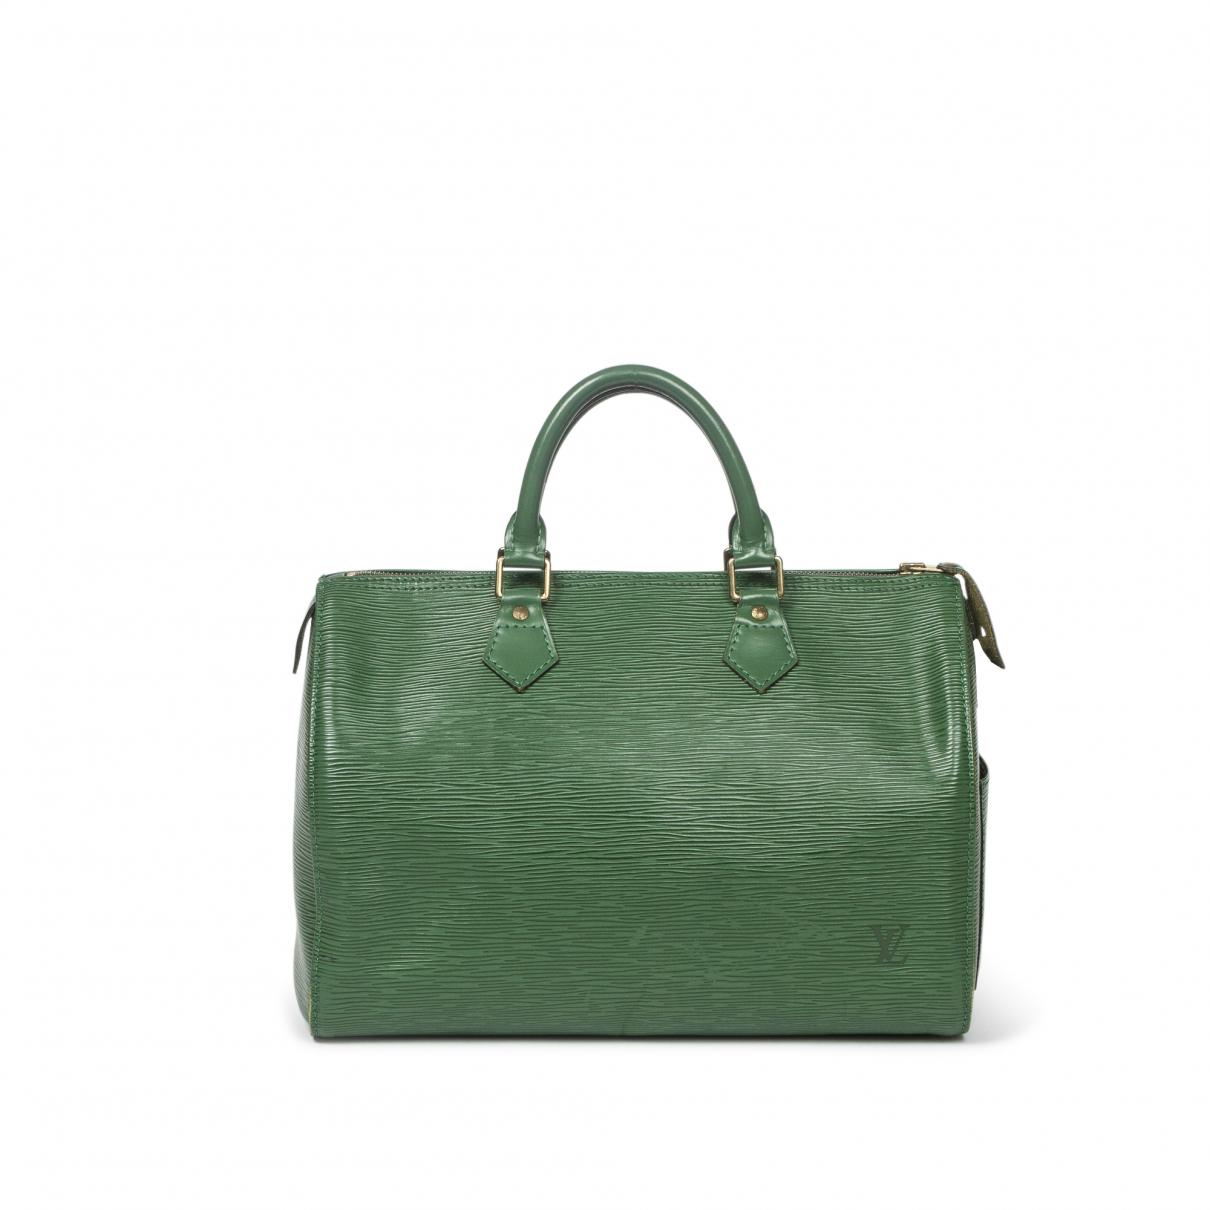 Louis Vuitton \N Handtasche in  Gruen Leder